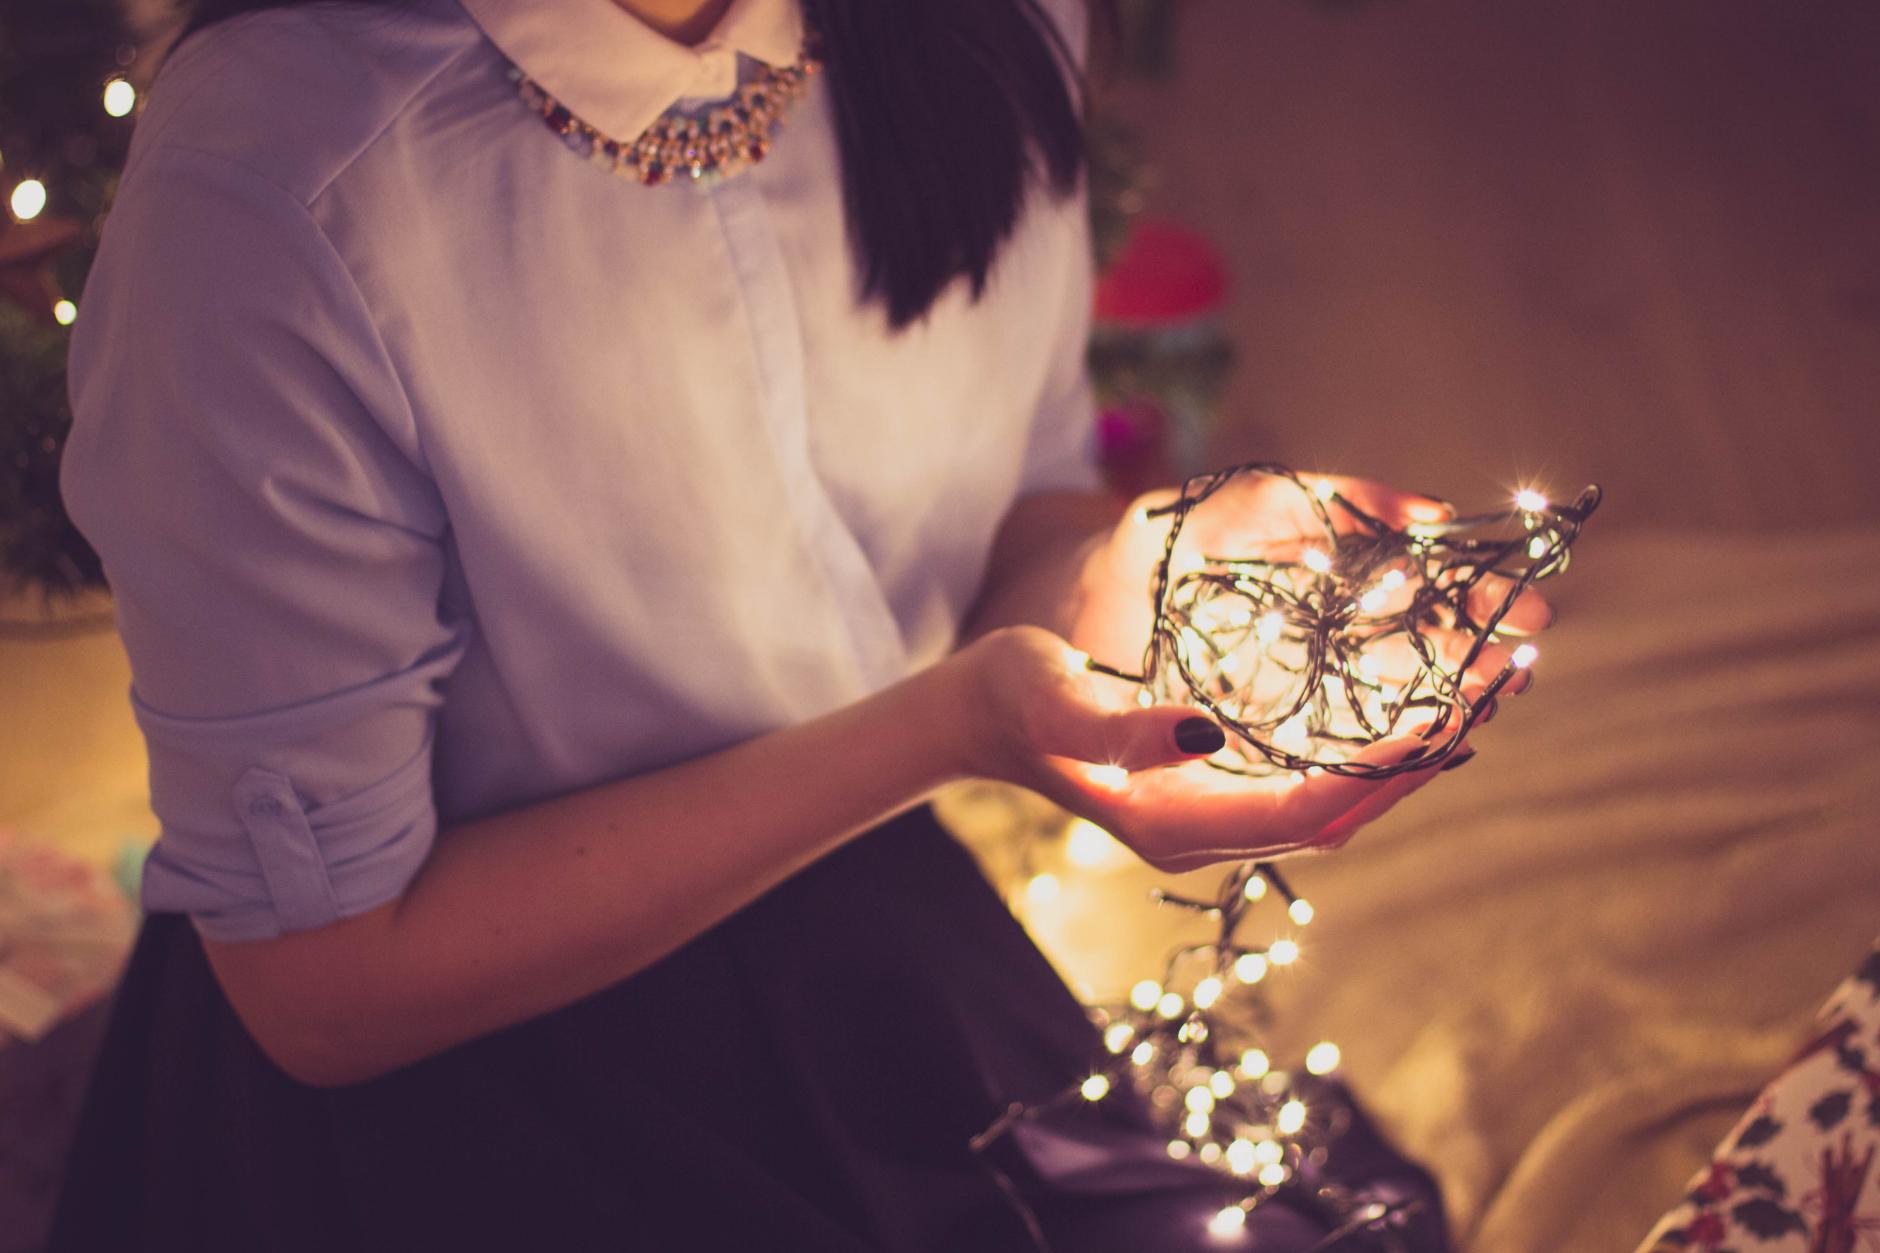 Vacances de Noël en temps de COVID-19:  comment aider son ado à gérer l'isolement